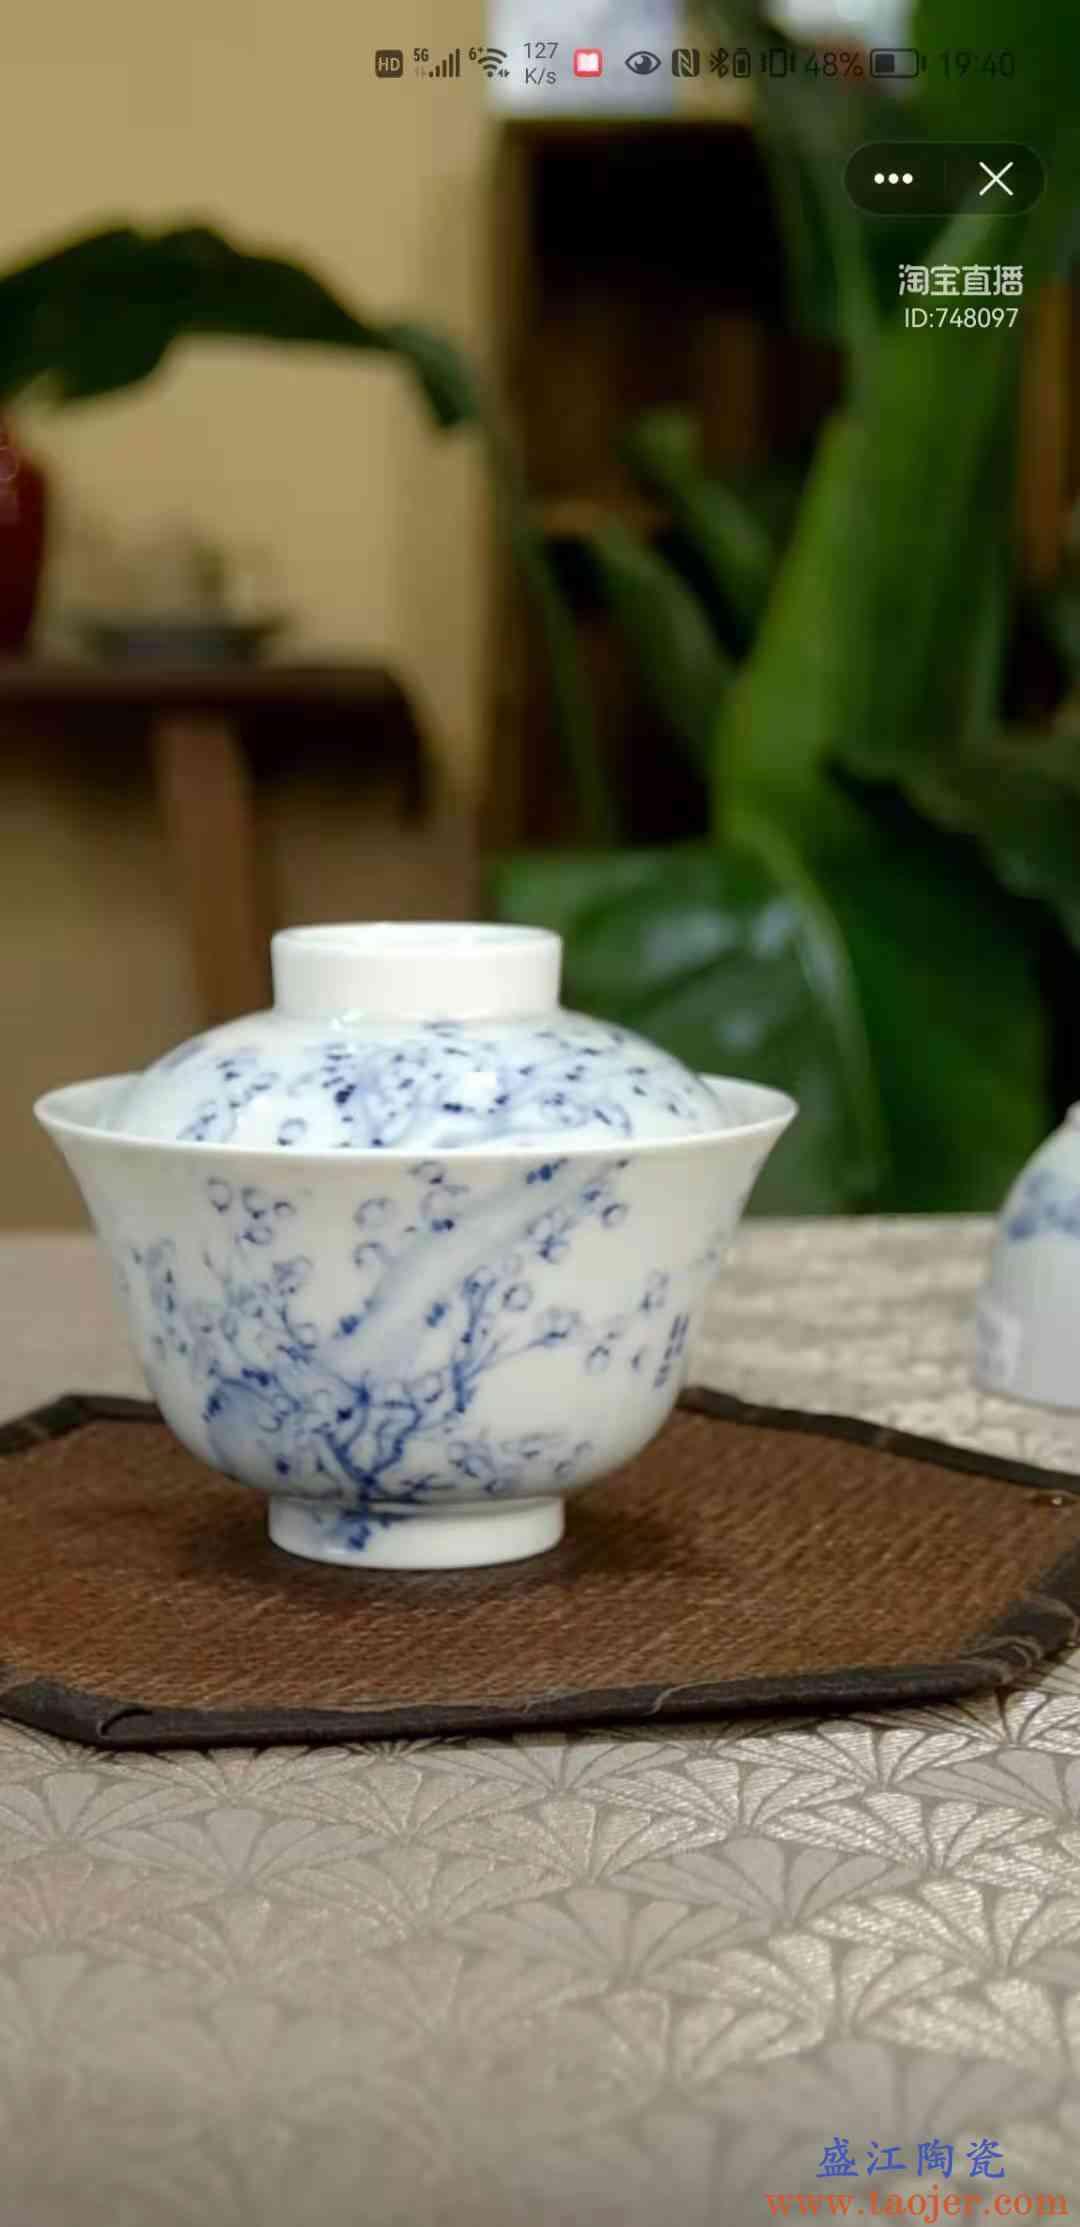 十方盖碗 景德镇陶瓷盖碗单个泡茶盖碗茶碗二才盖碗